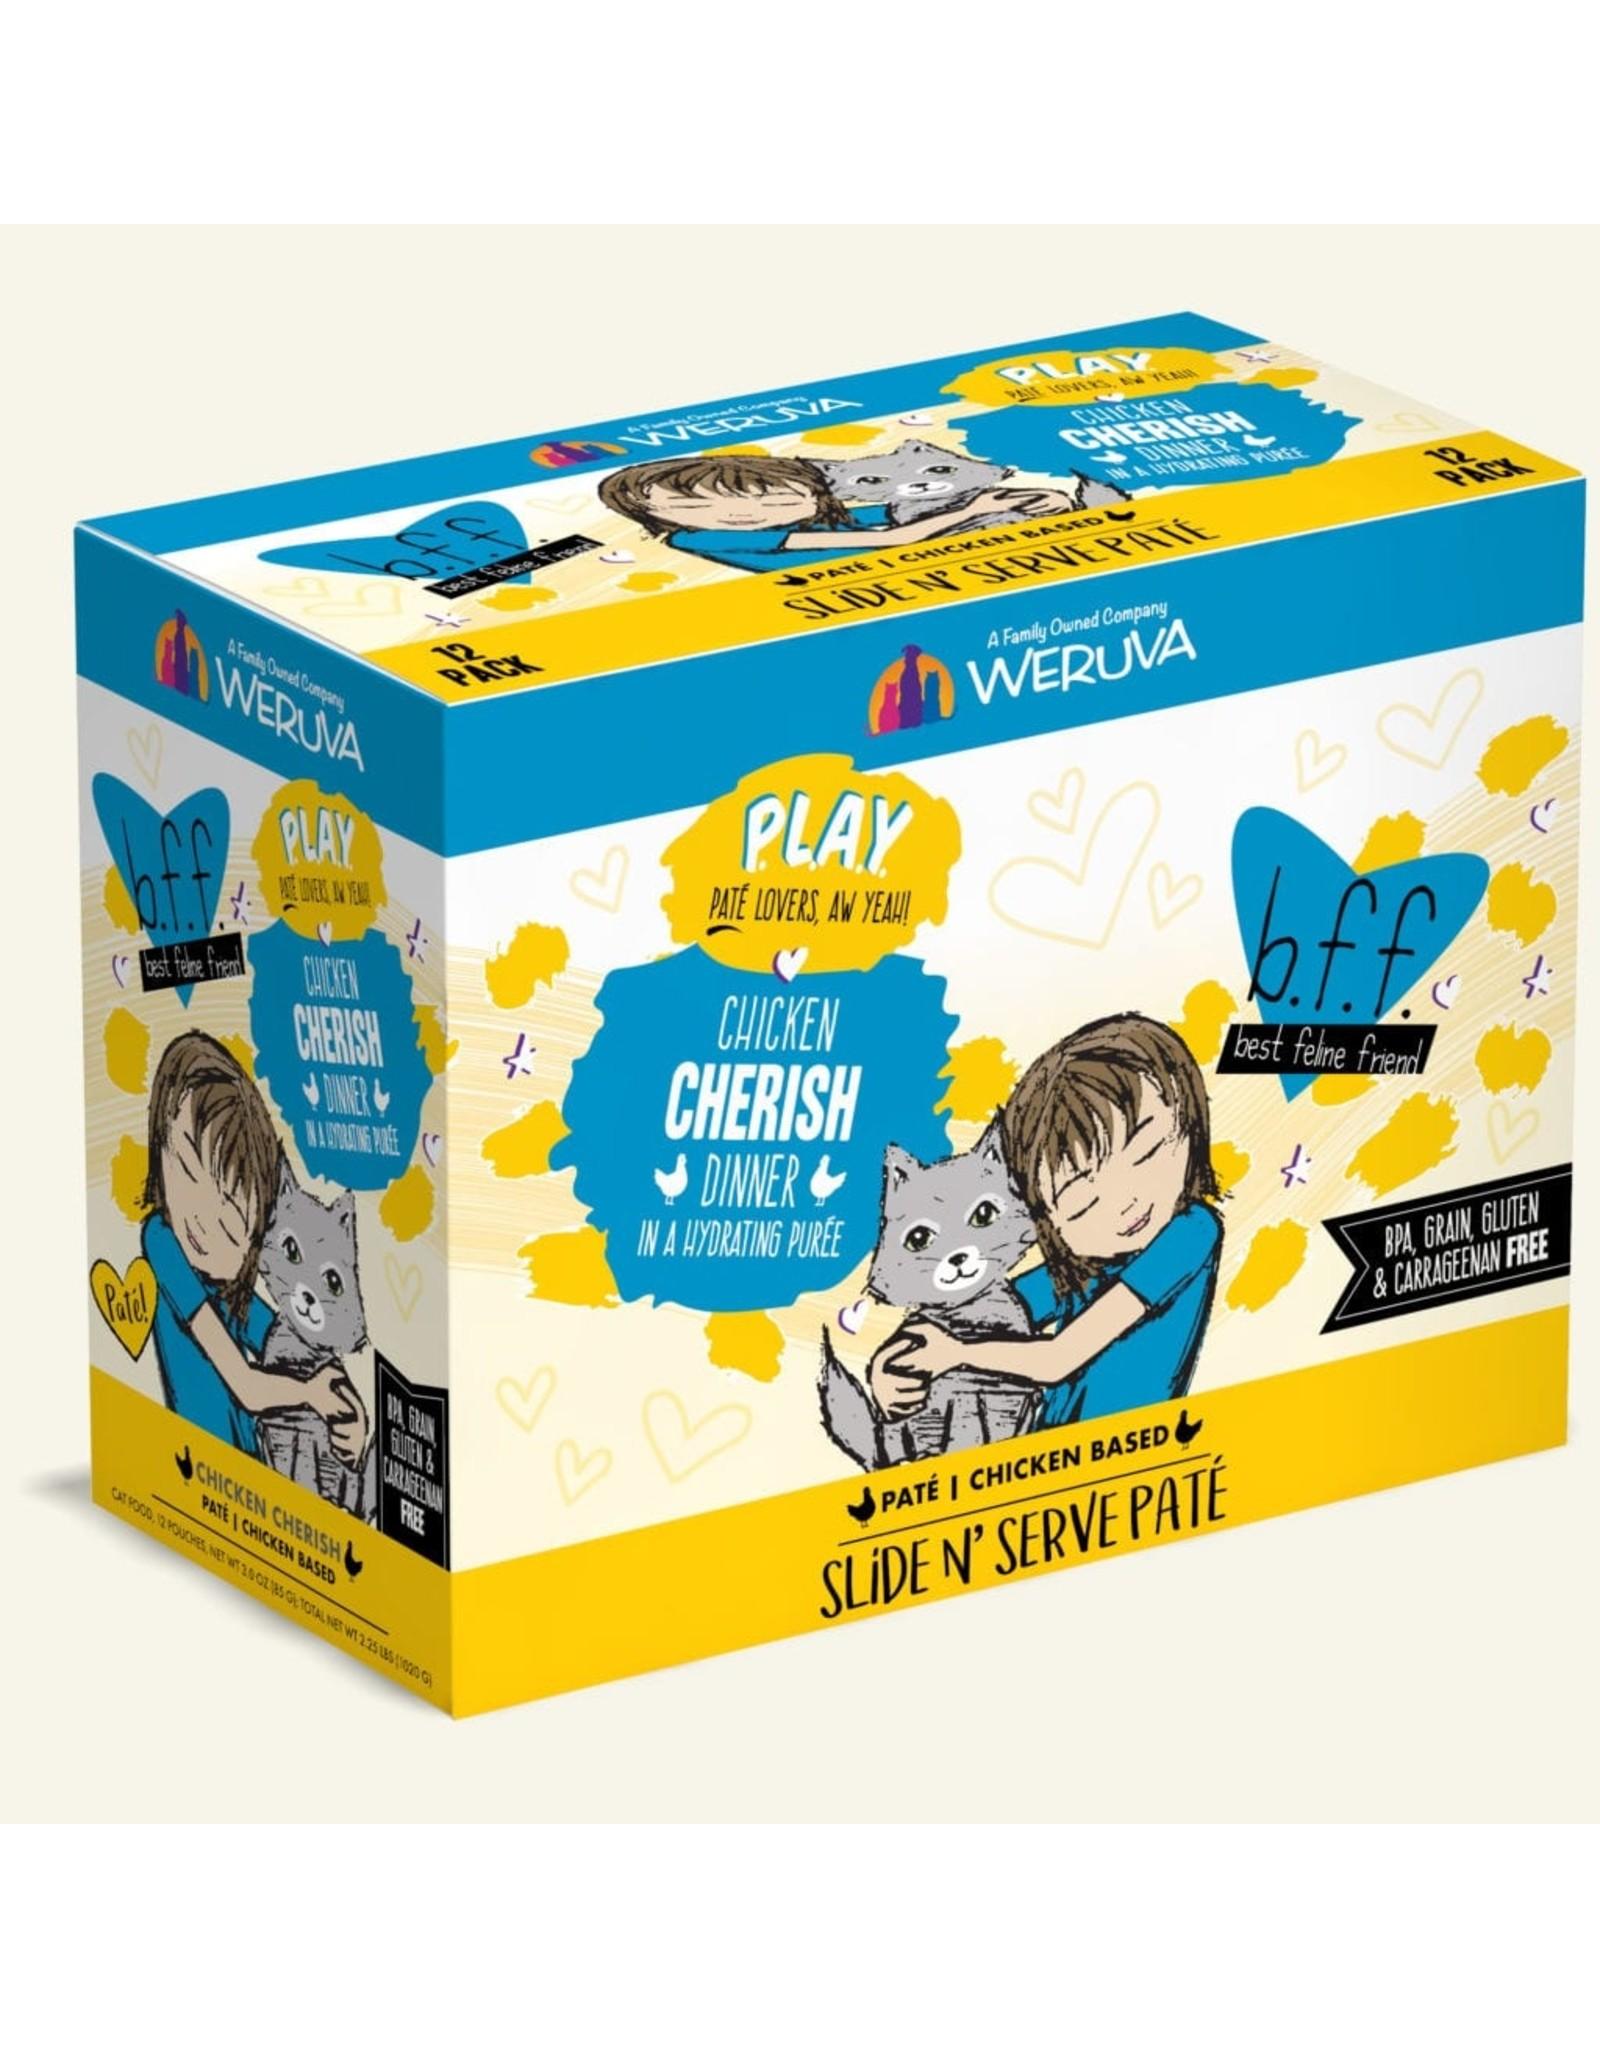 Weruva Weruva BFF PLAY Cherish Chicken Dinner Slide N' Serve Pate Cat Food 3oz Pouch